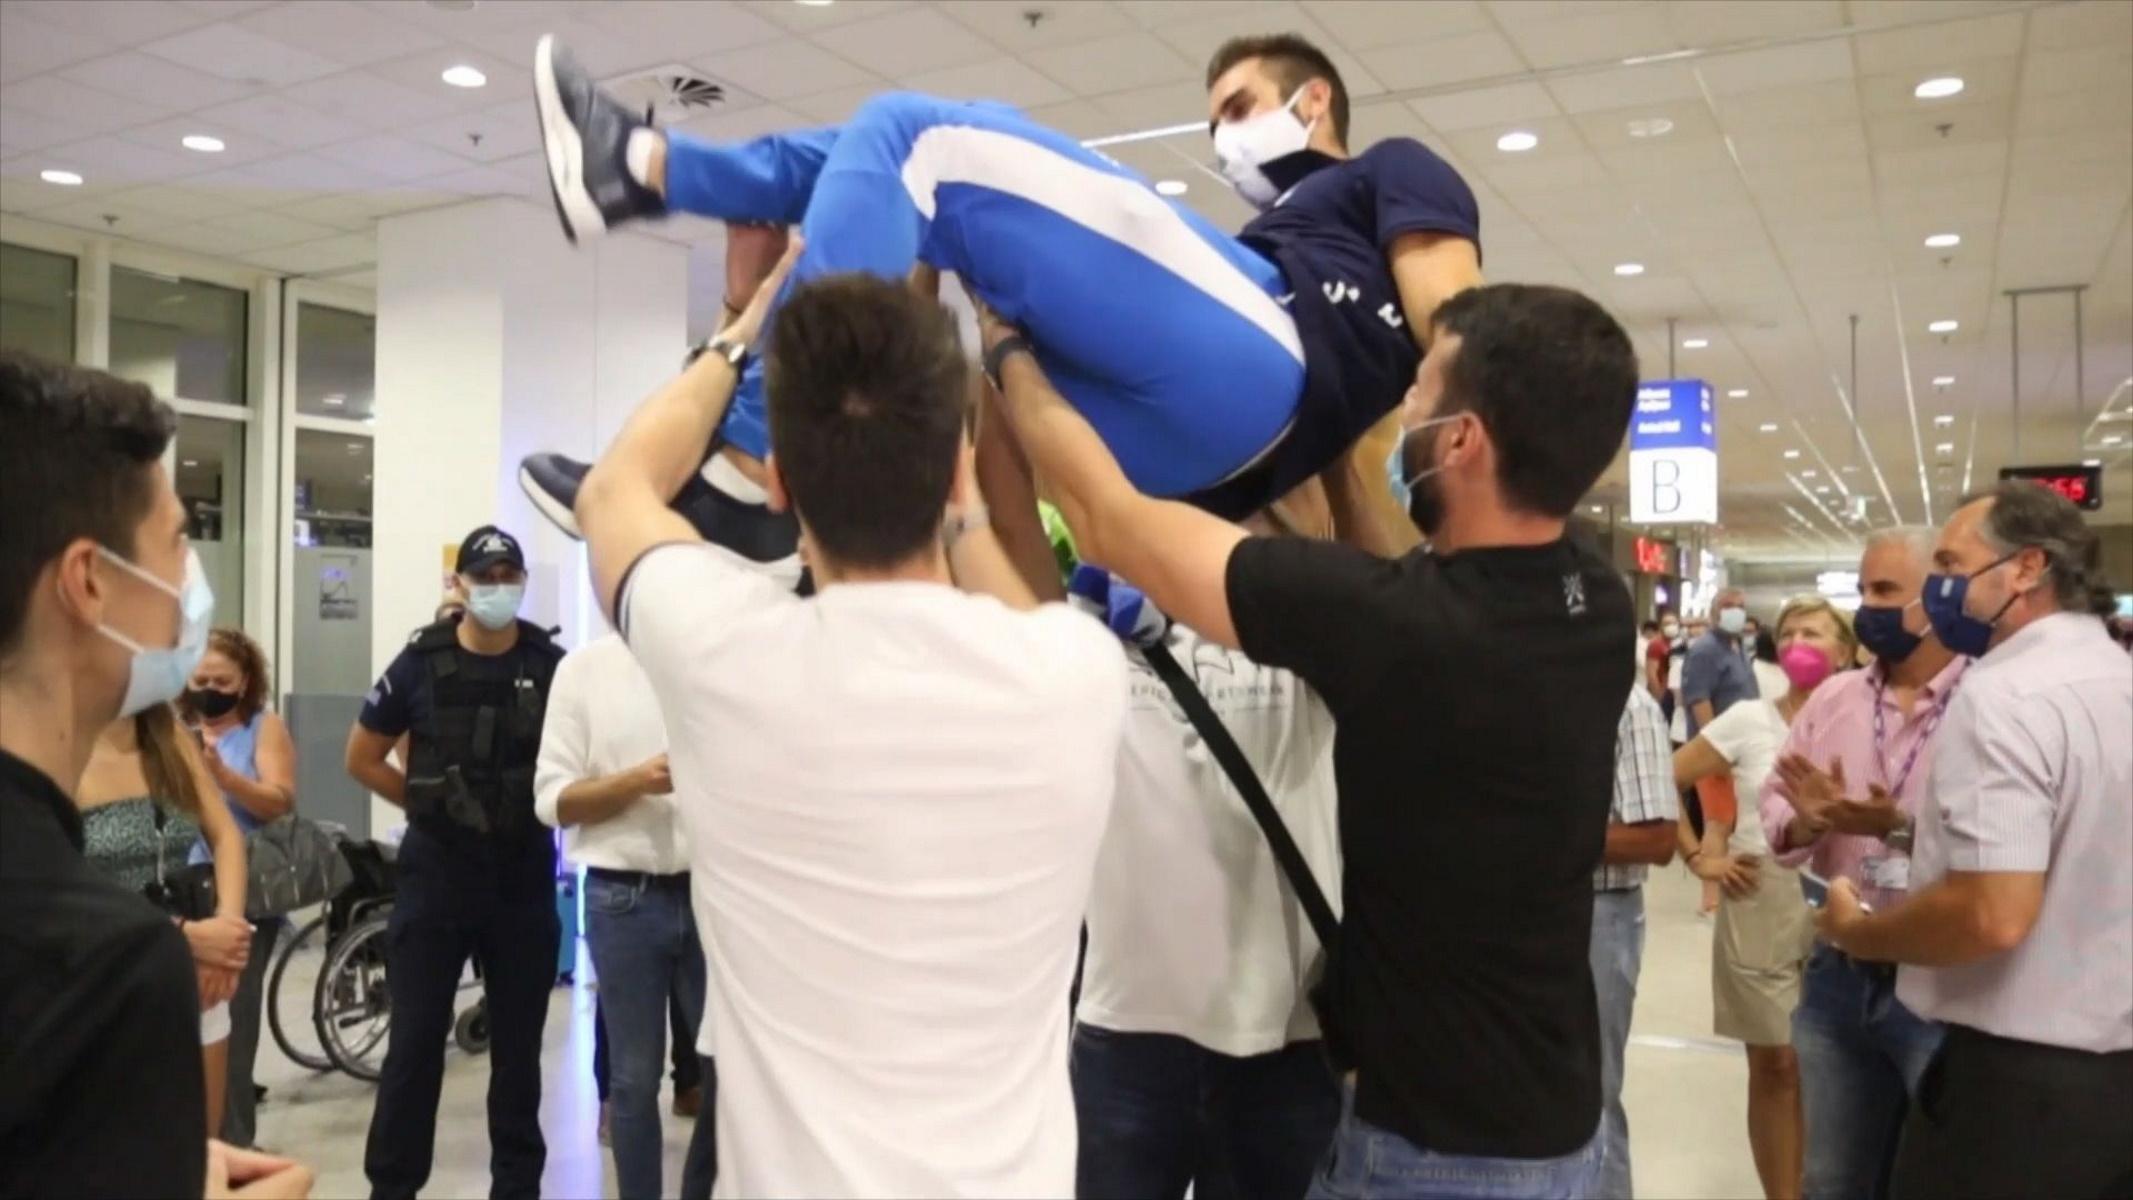 Στέφανος Ντούσκος: Έφτασε στην Ελλάδα ο χρυσός Ολυμπιονίκης του Τόκιο